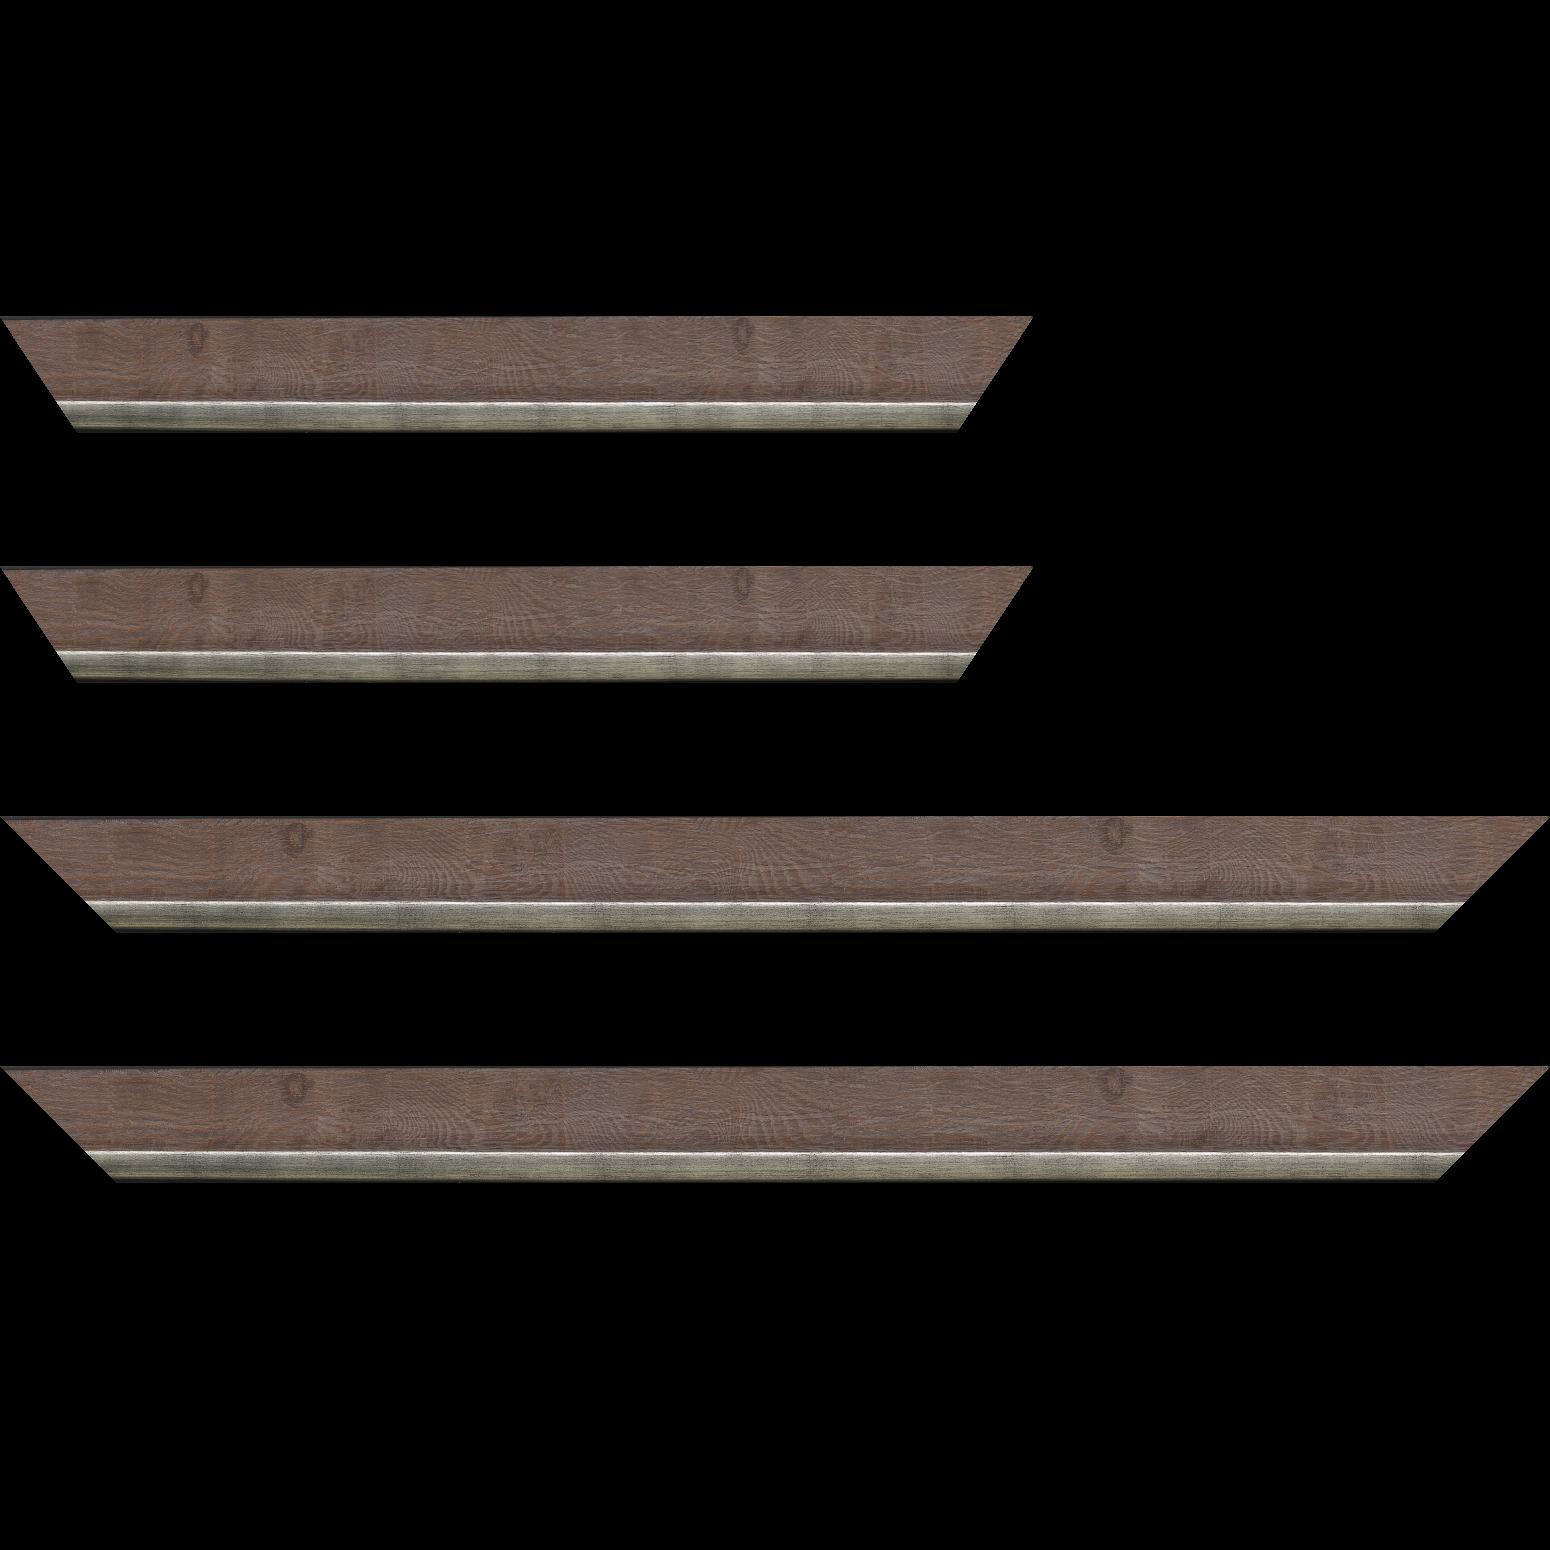 Baguette service précoupé Bois profil plat en pente largeur 3.5cm de couleur ton bois veiné teinté marron clair filet argent chaud